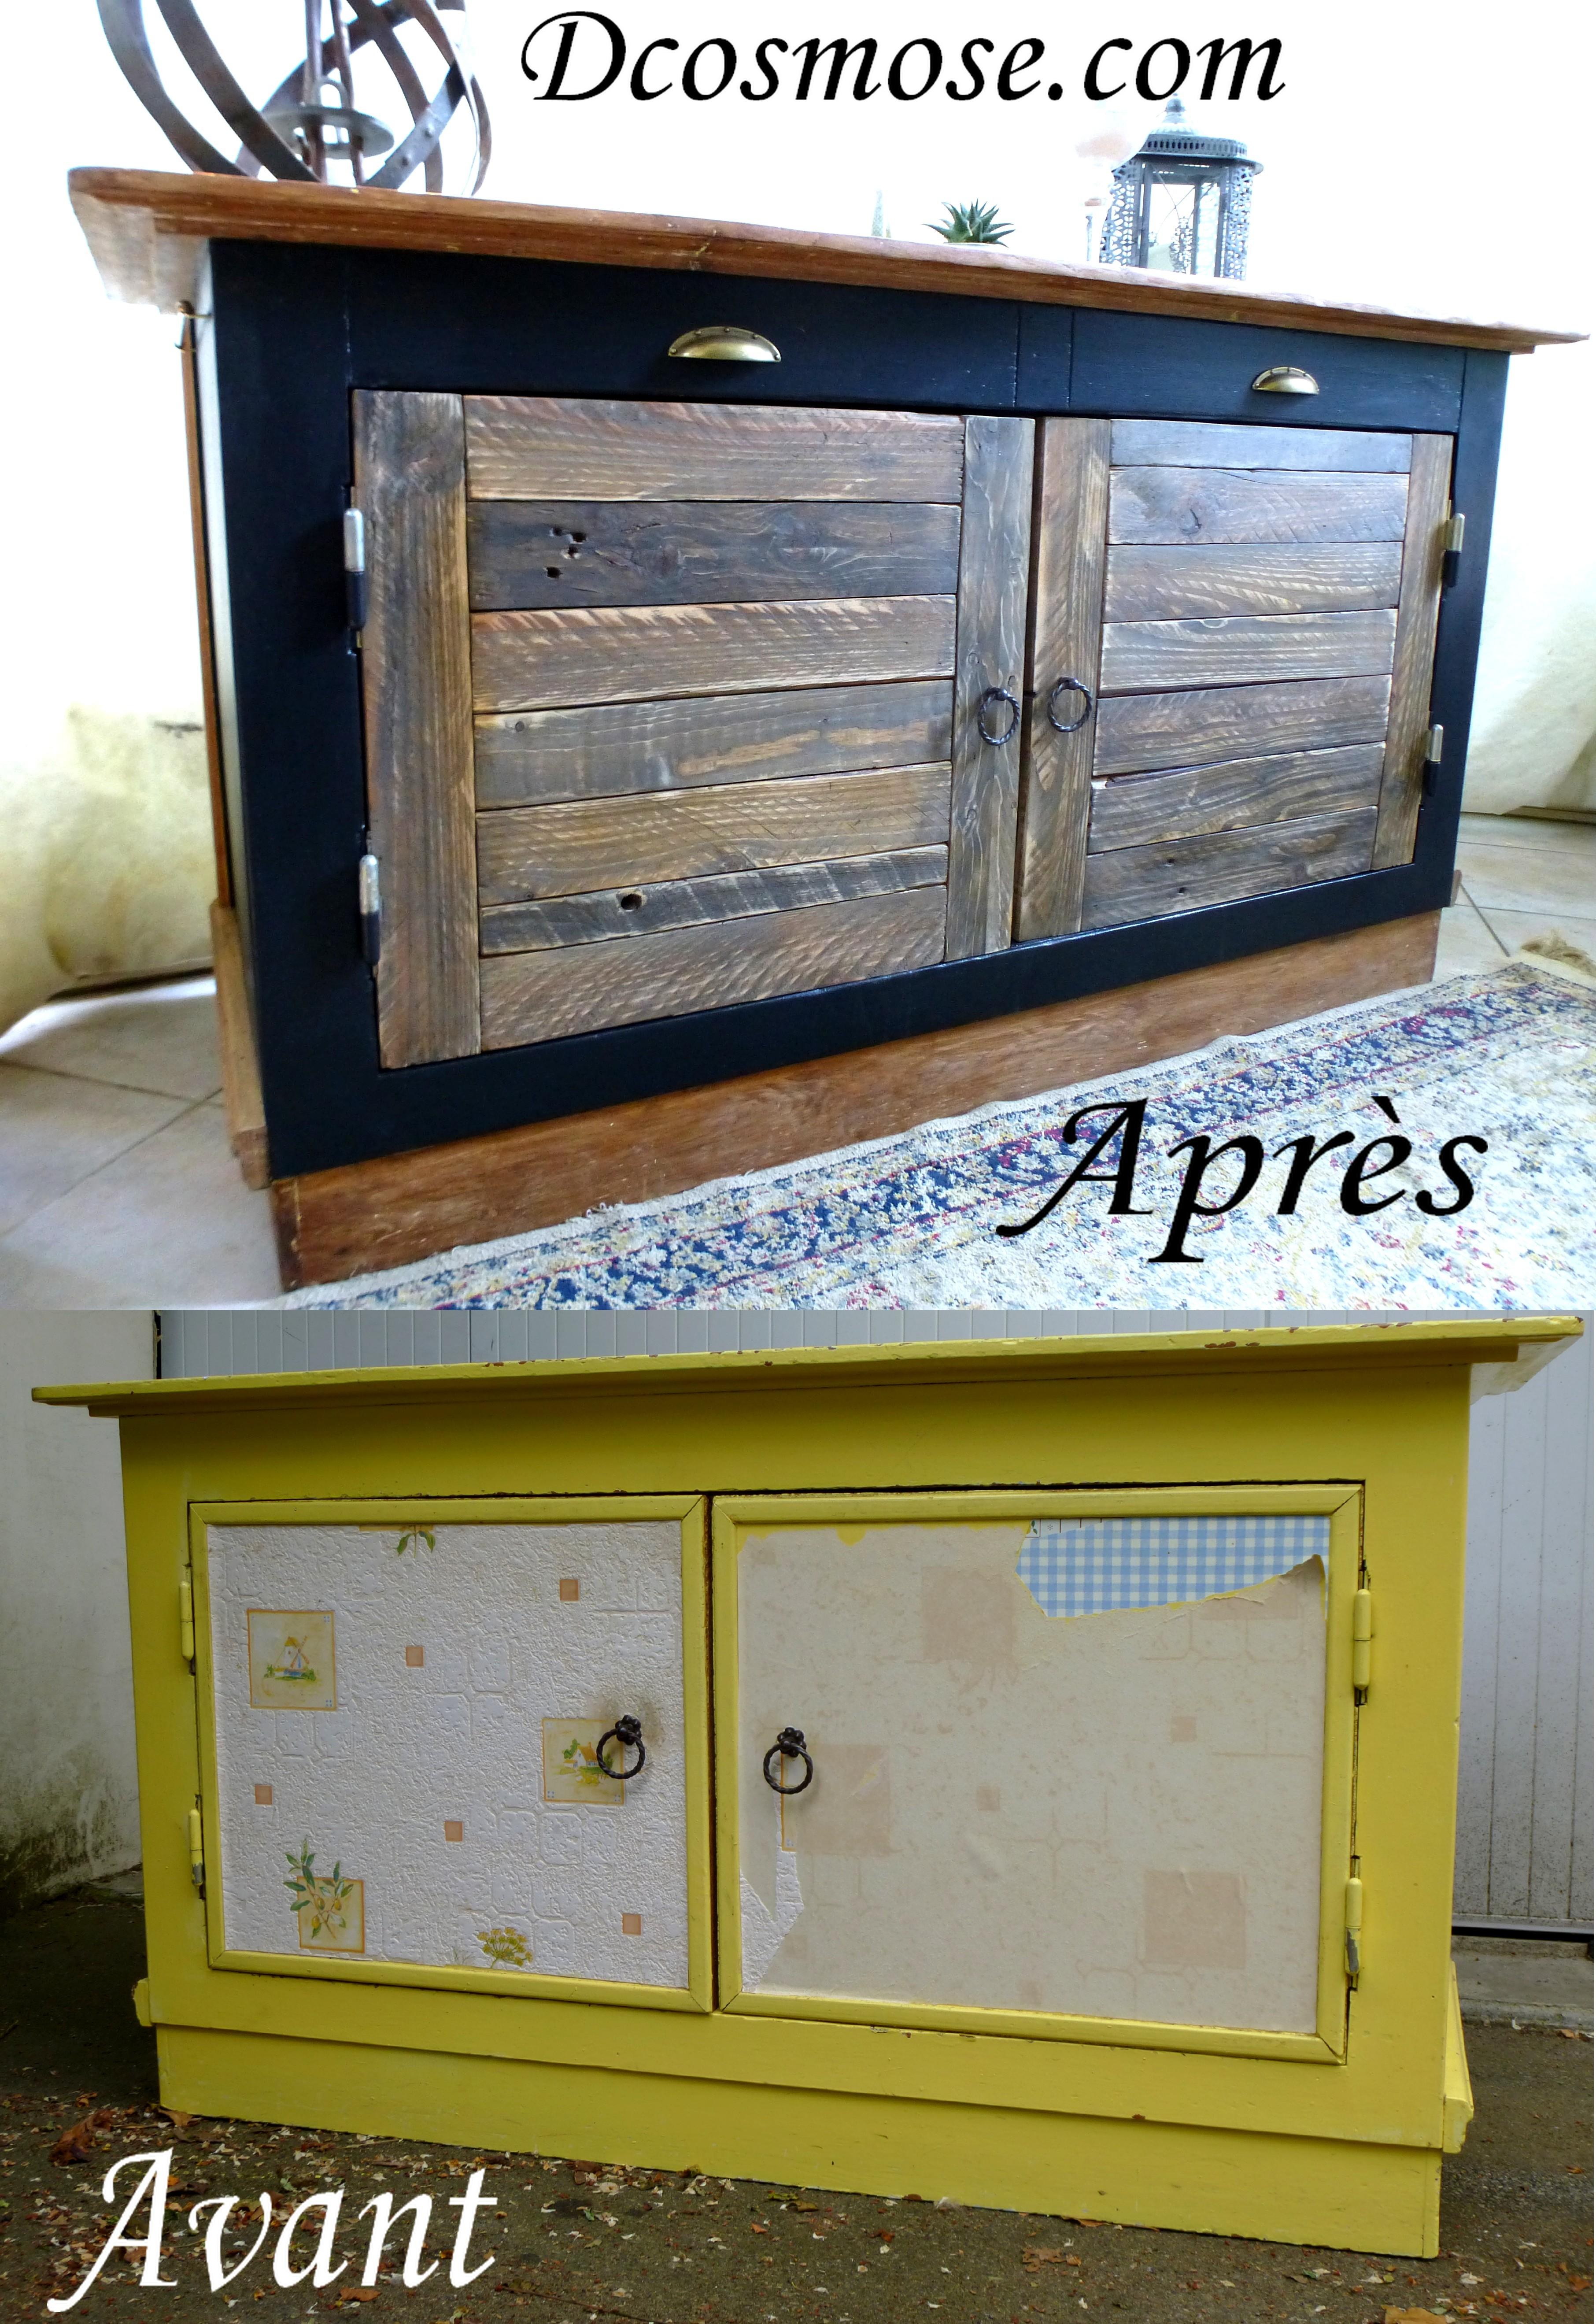 Renovation d un comptoir bistrot d 39 cosmose - Renovation meuble industriel ...